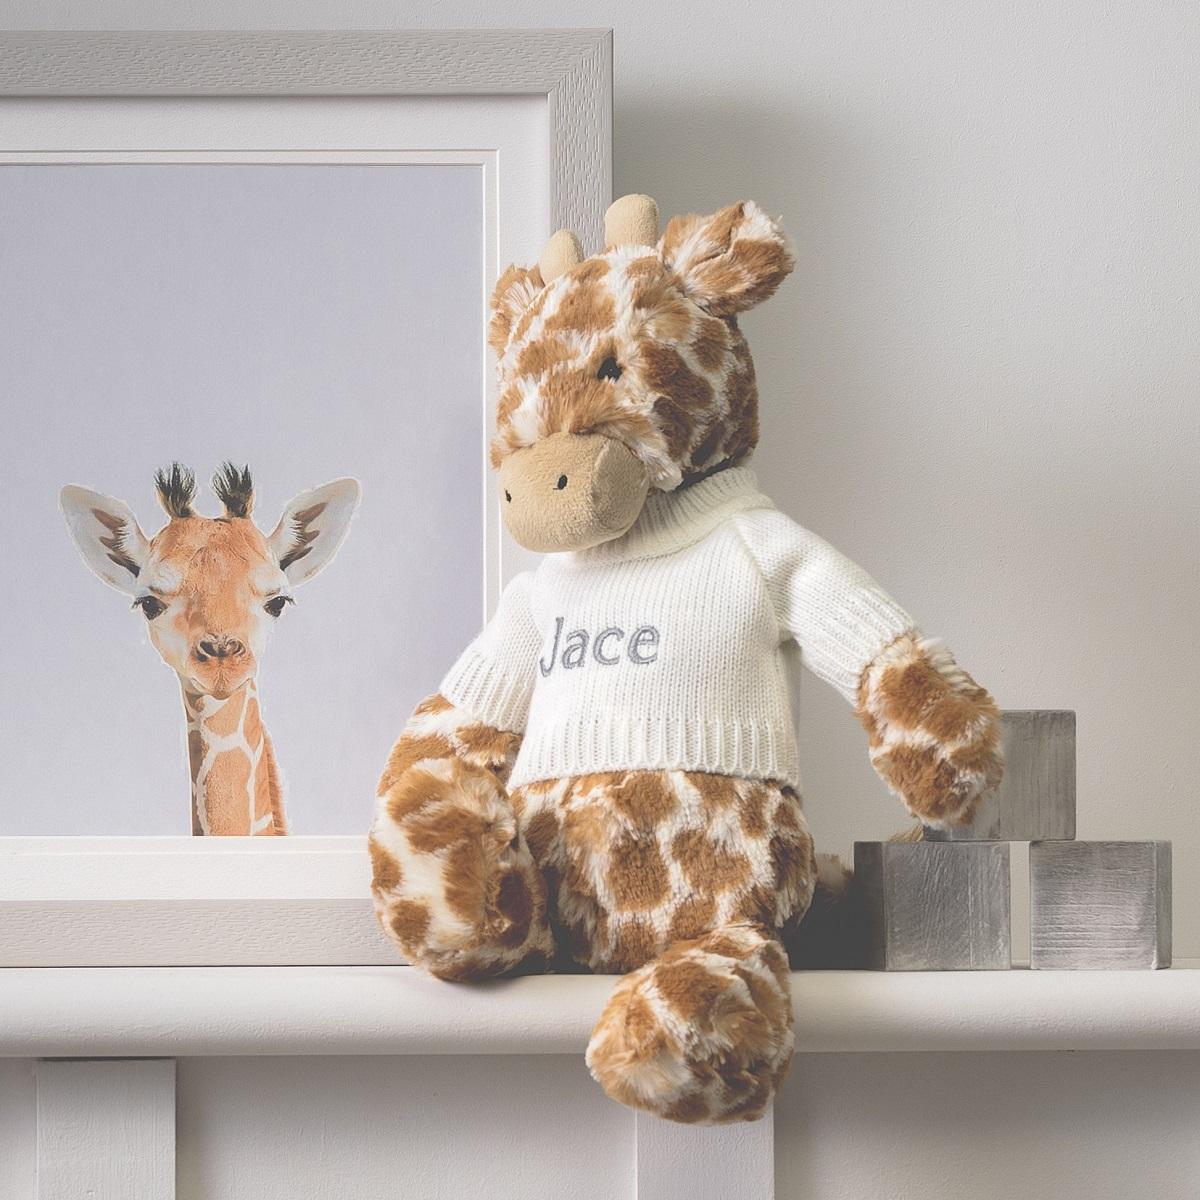 Personalised Jellycat bashful giraffe soft toy